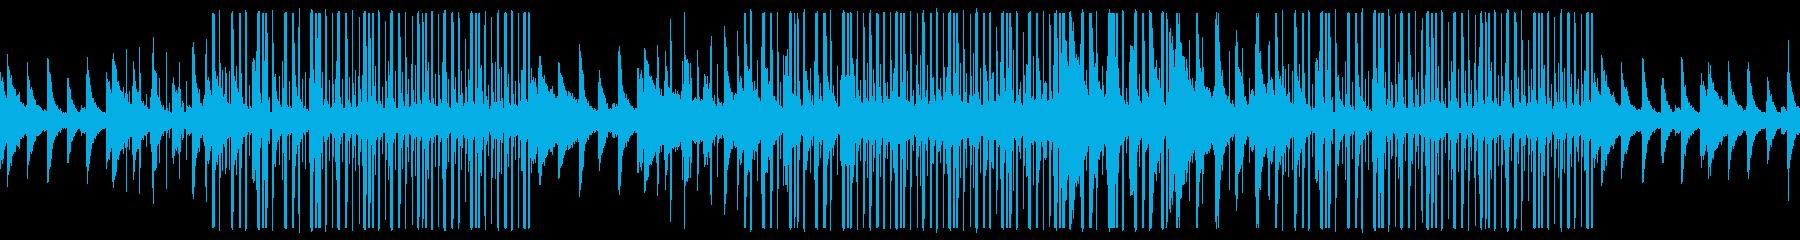 幻想的なチェロ、ローファイチルアウト音楽の再生済みの波形